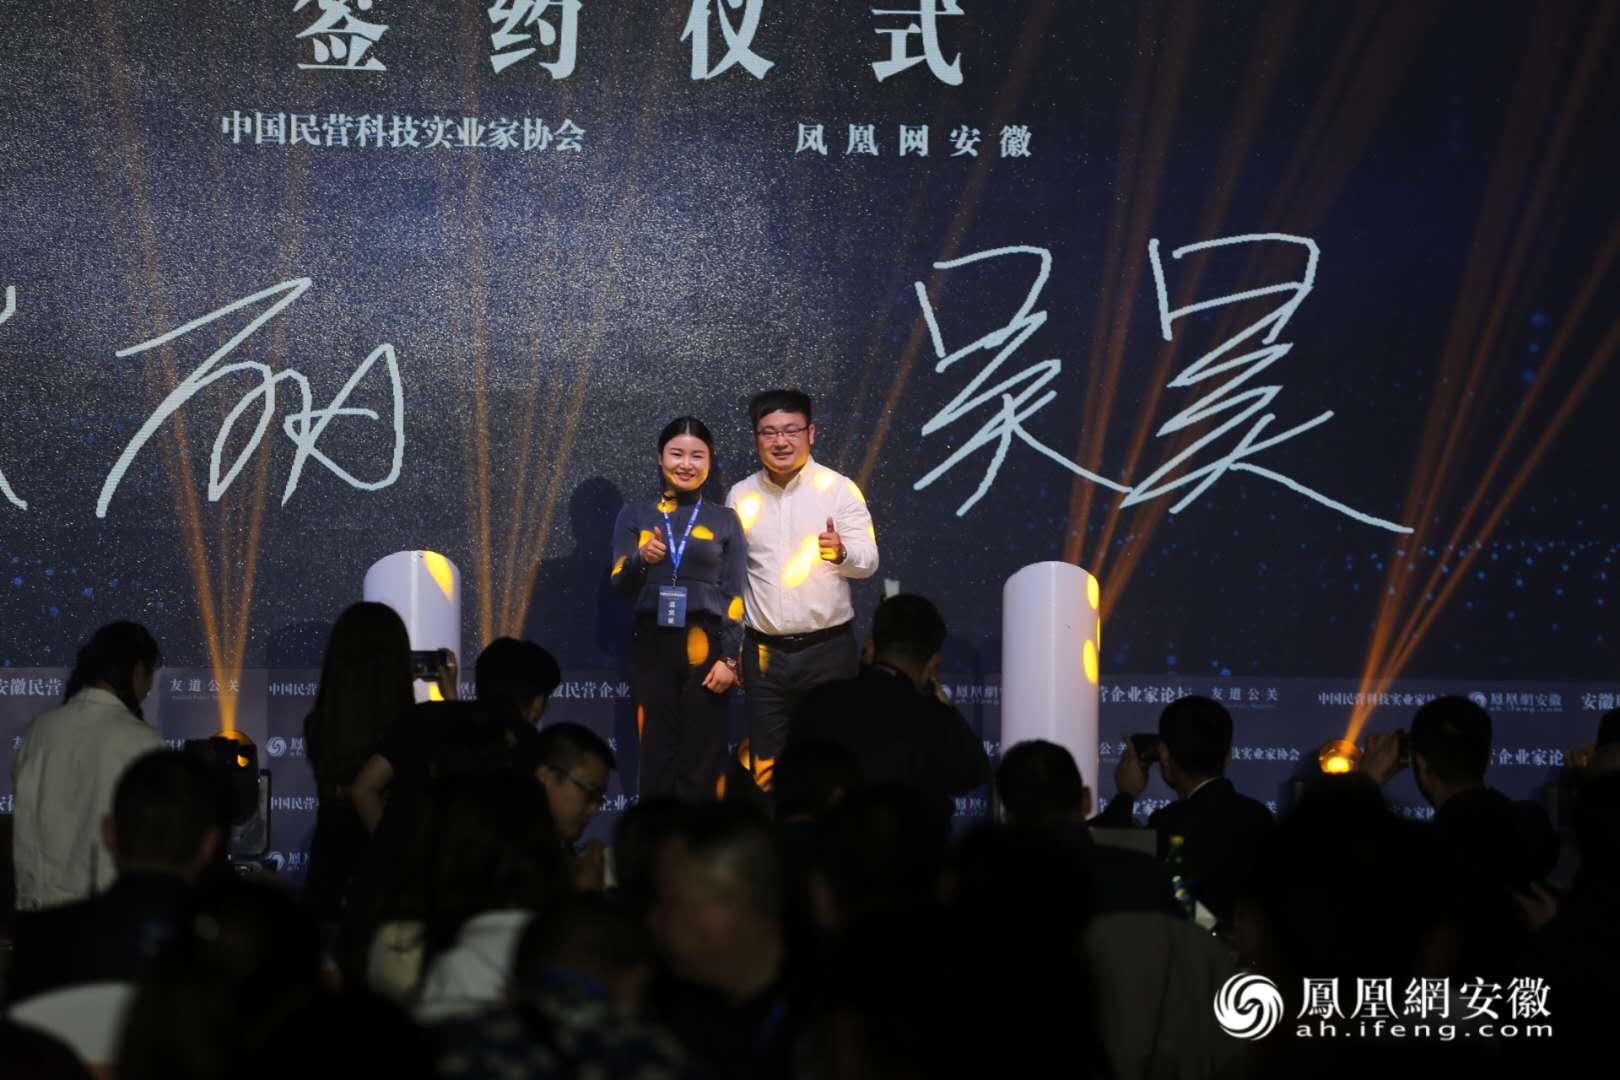 中国民营科技实业家协会与凤凰网安徽正式签约